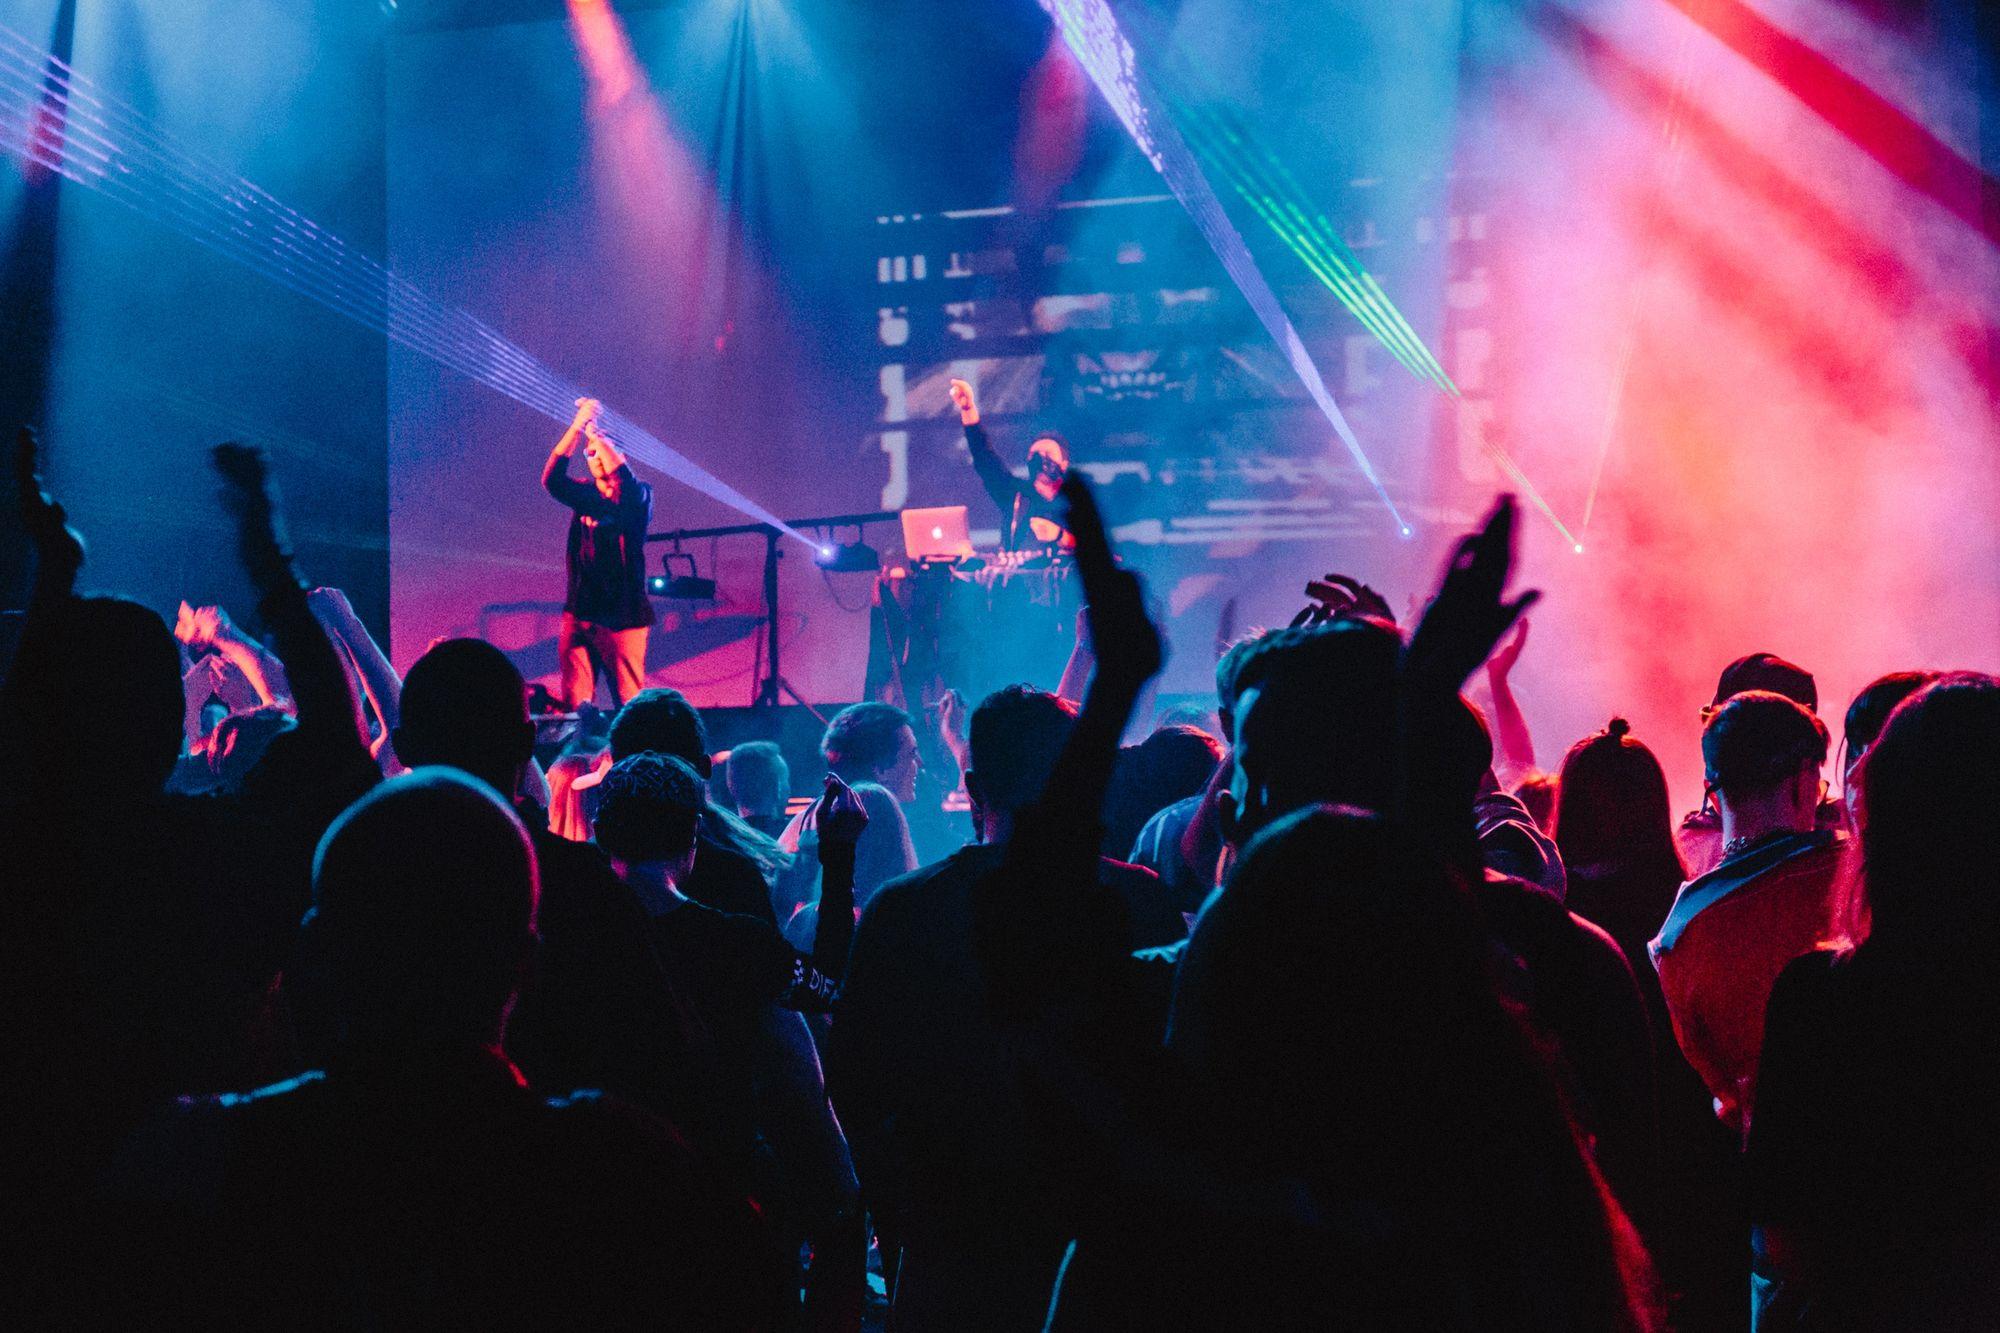 personnes dansant à un concert devant une scène